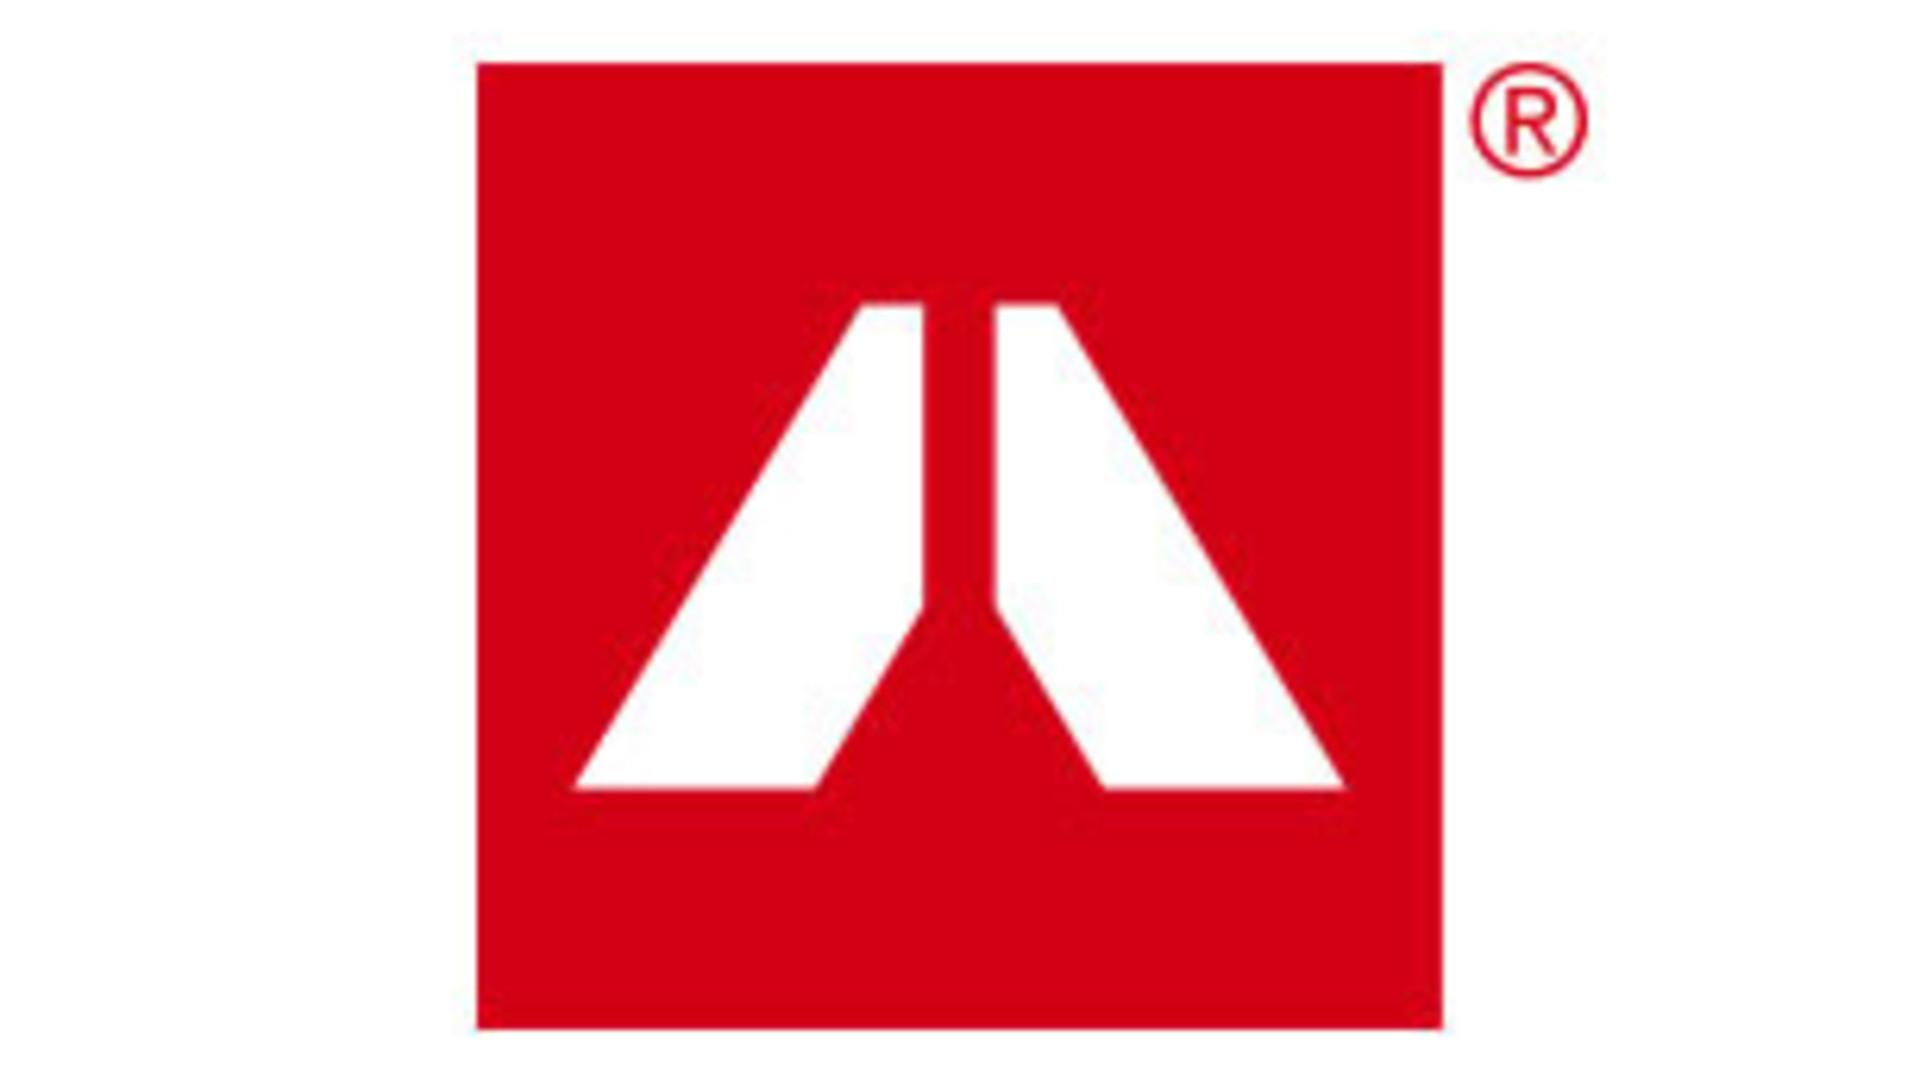 WEB RGB ROCKWOOL® symbol